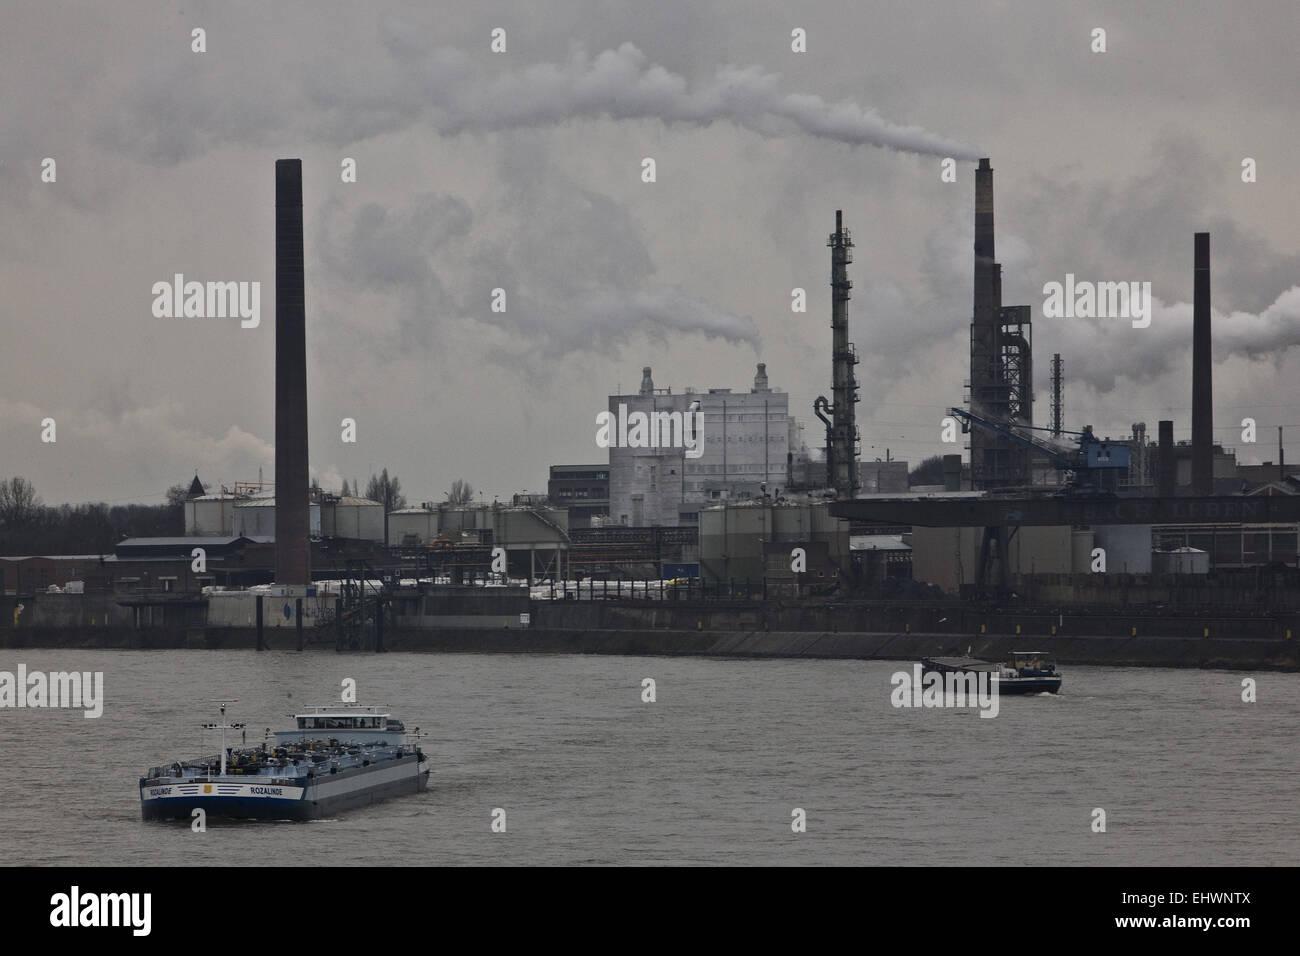 Frachtschiffe, Rhein, Duisburg, Deutschland. Stockbild